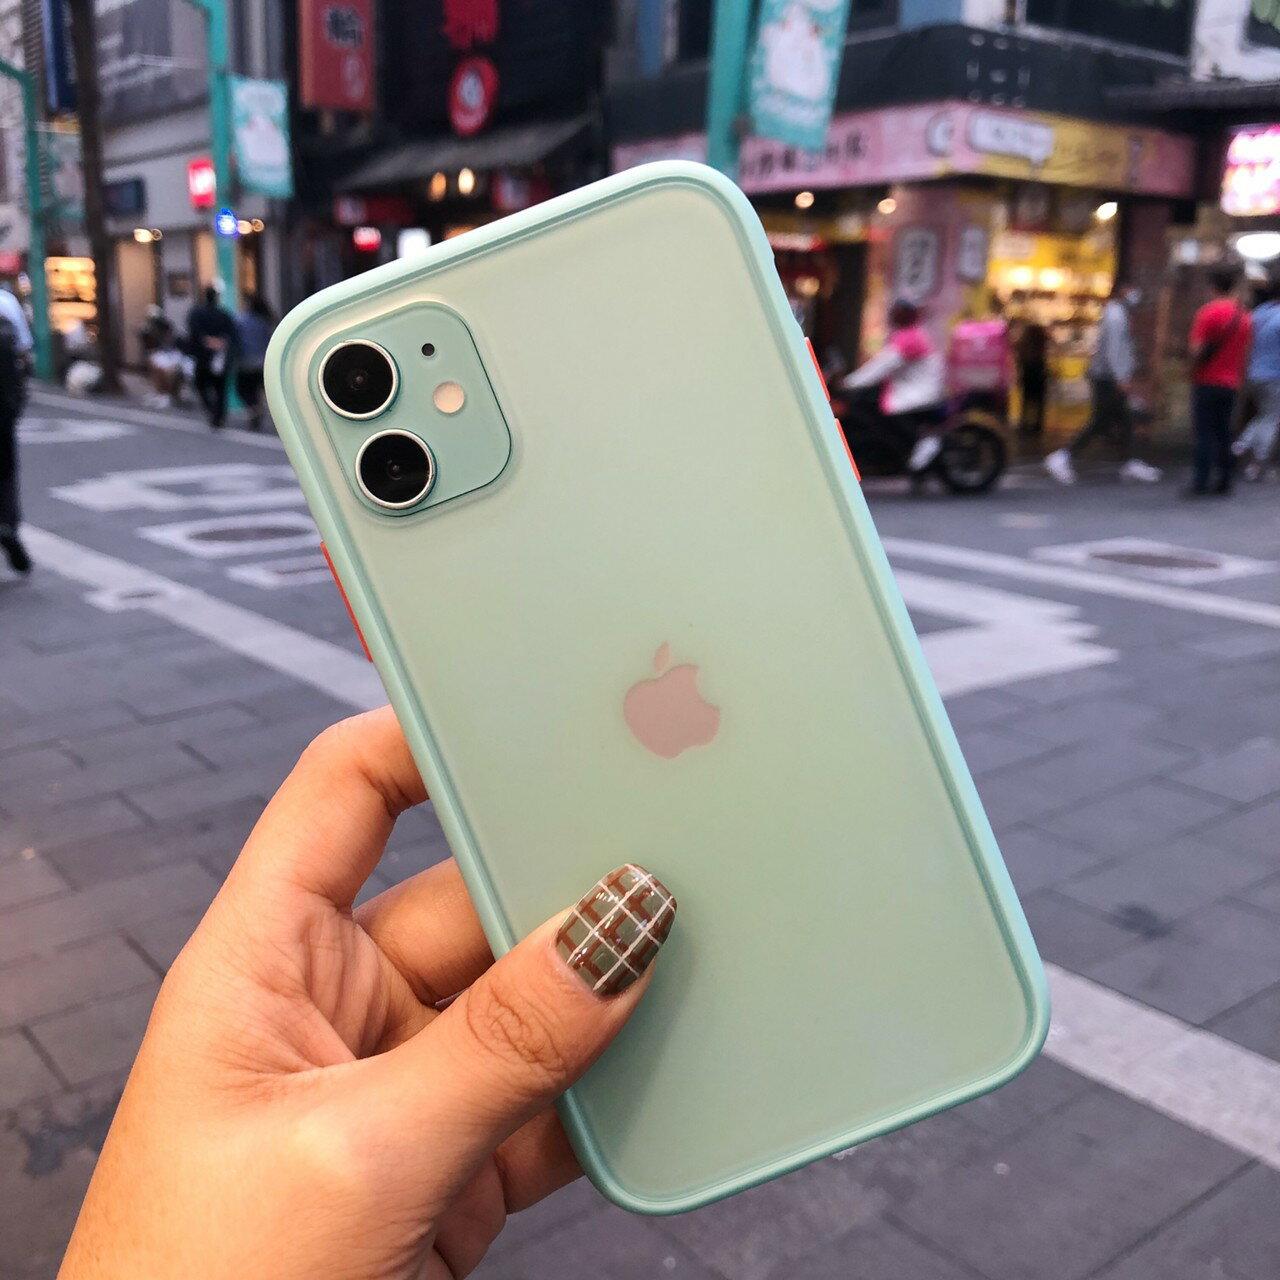 【5款】幻影系列 手機殼 iPhone全型號 11 Pro Max 、SE2、7、7+、8、8+、X、XR、Max